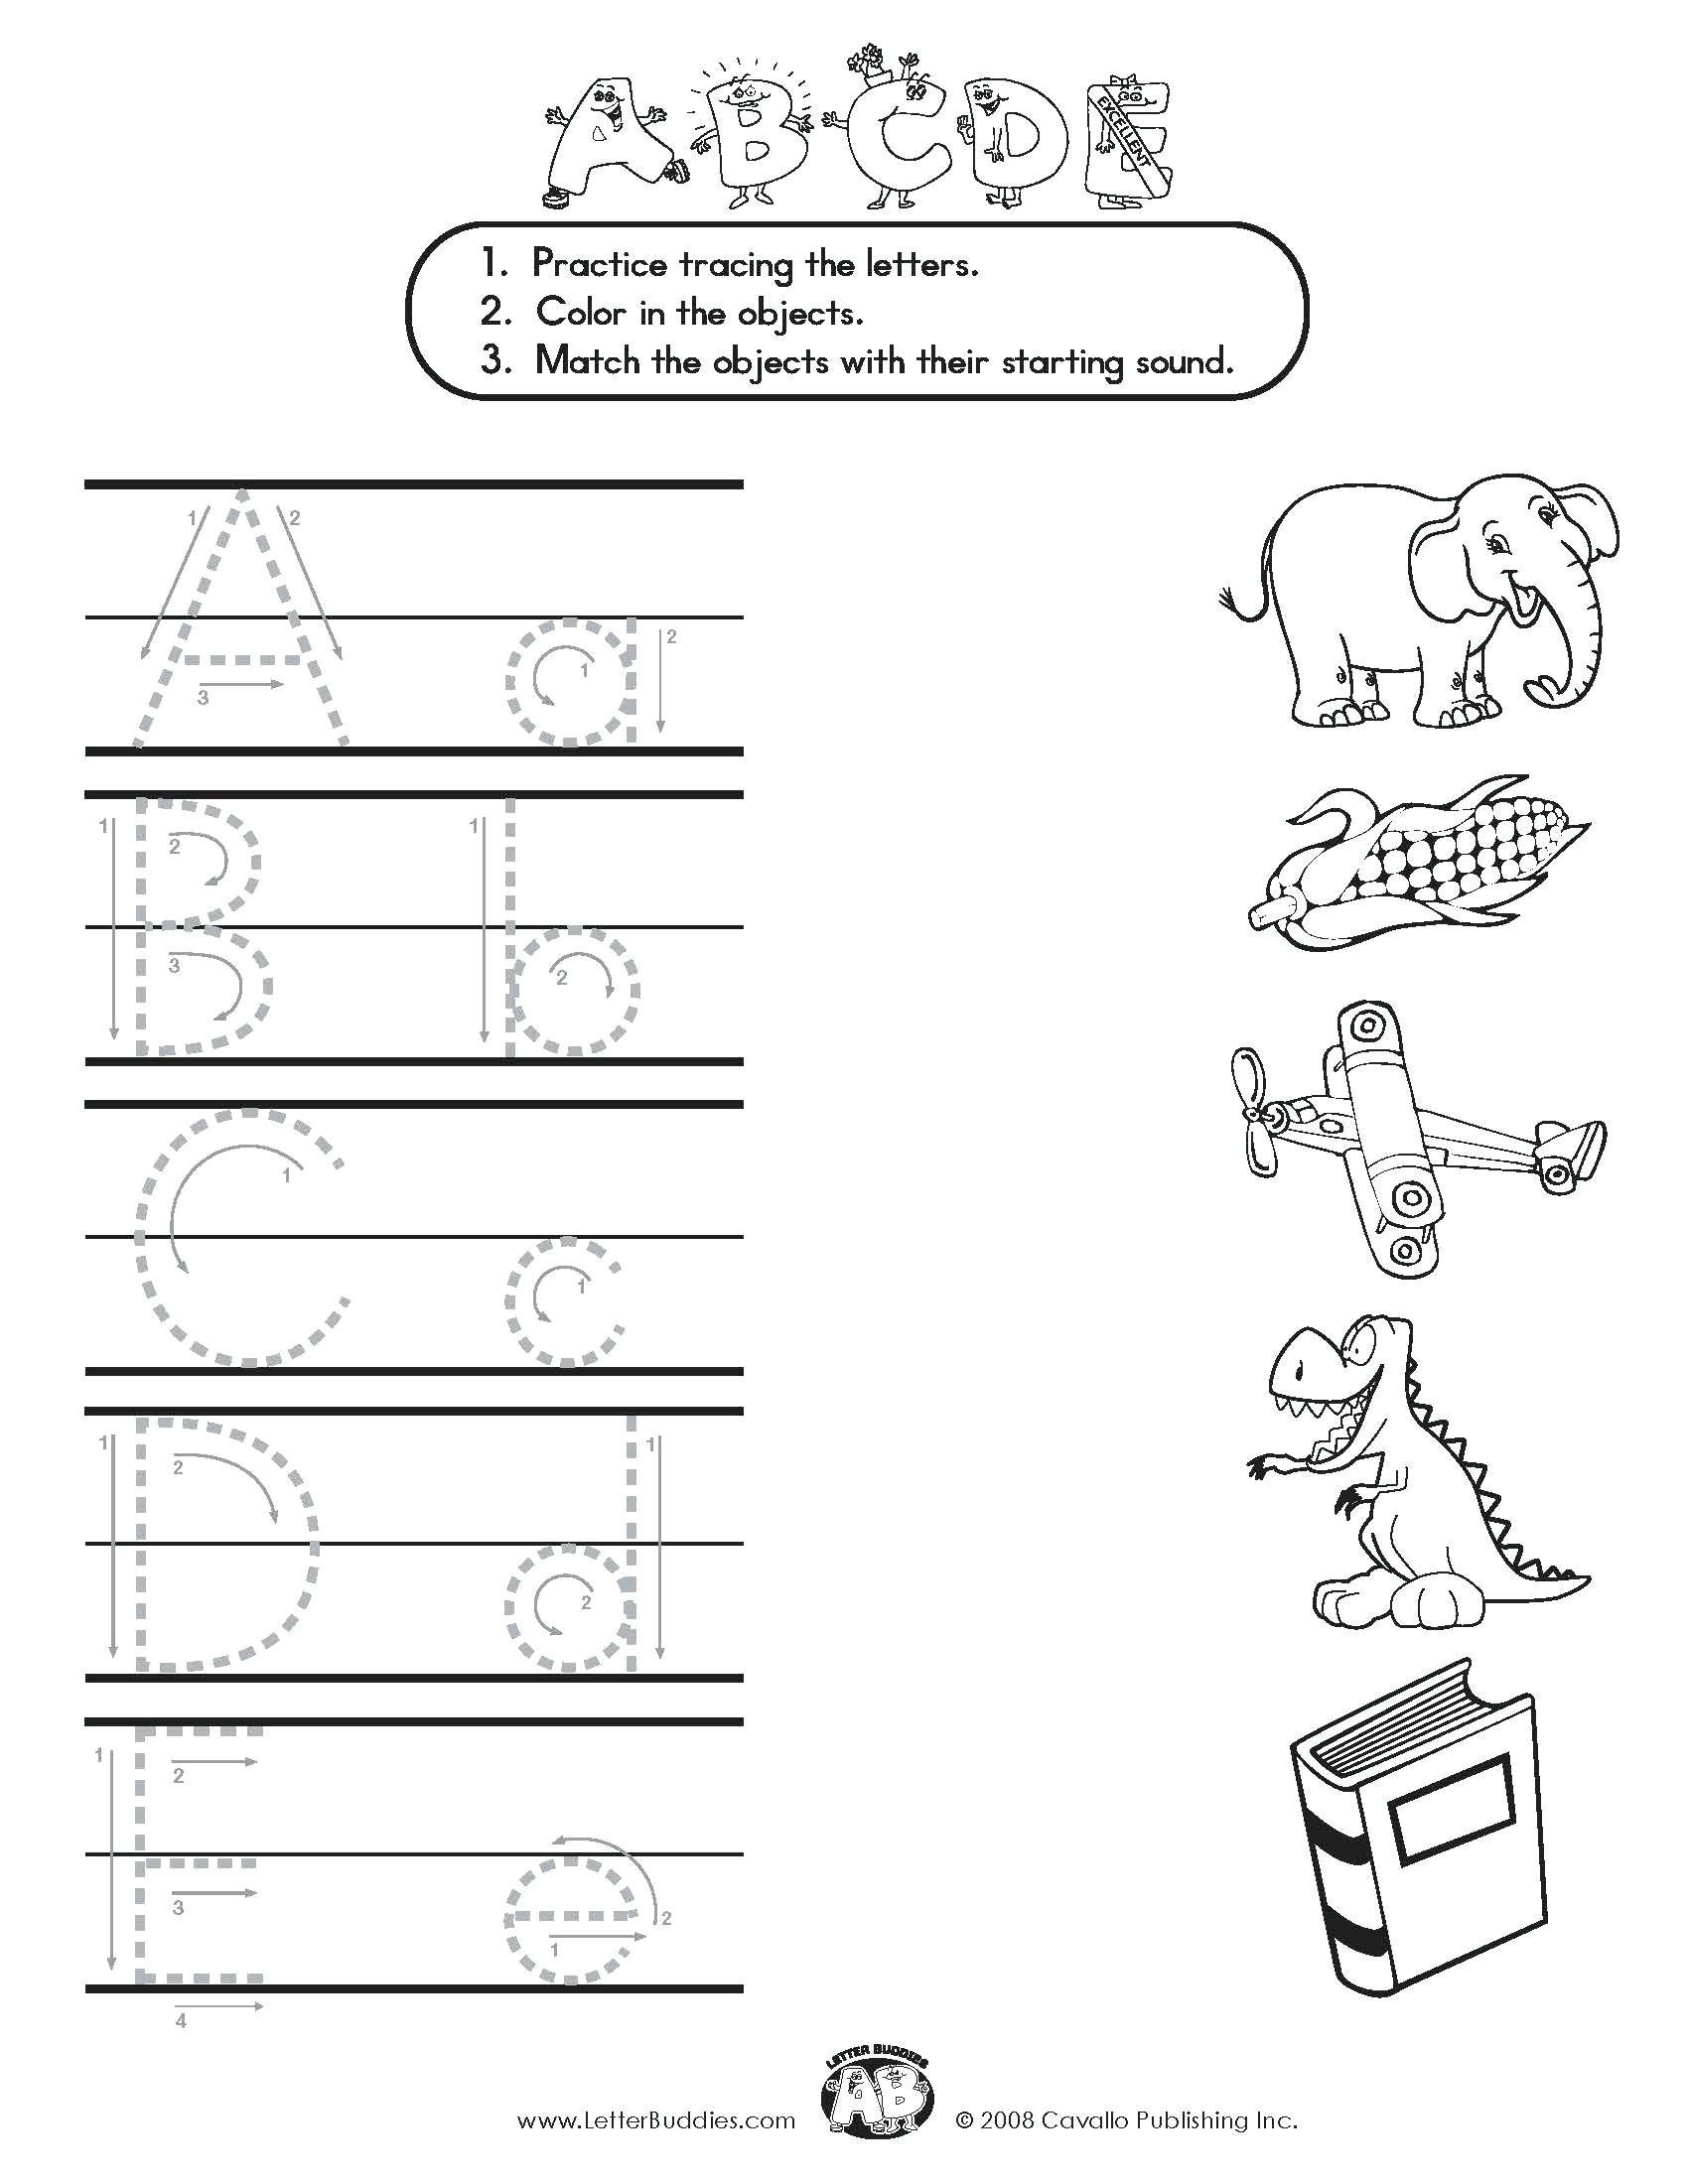 Letter Formation Worksheets For Kindergarten Letter Buddies throughout Letter S Worksheets For Kindergarten